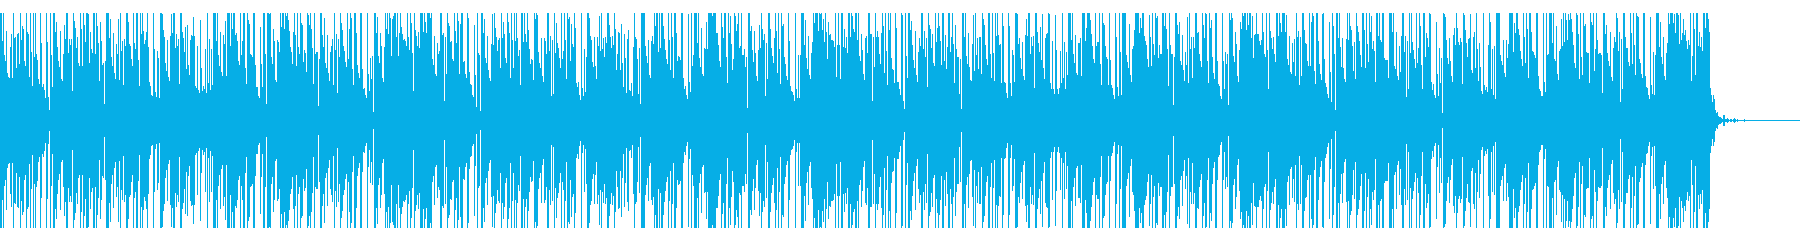 怪しげなTrap風BGMの再生済みの波形